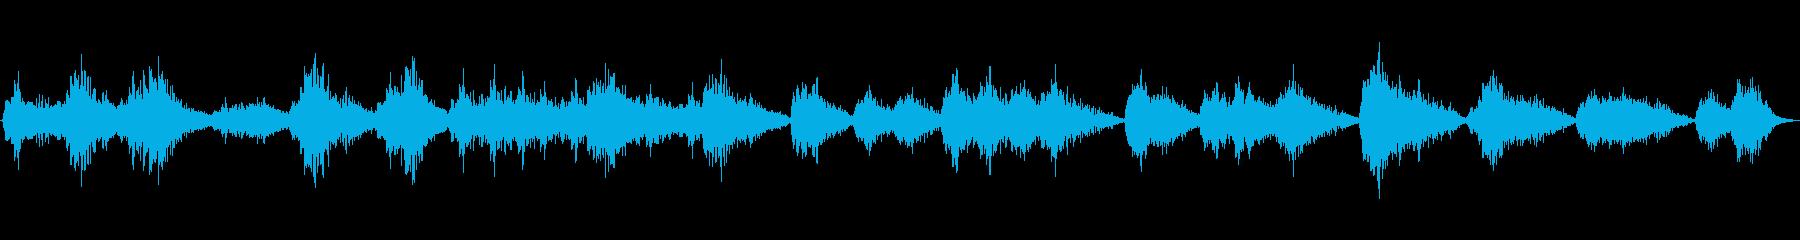 心霊話をするときに流すBGMの再生済みの波形